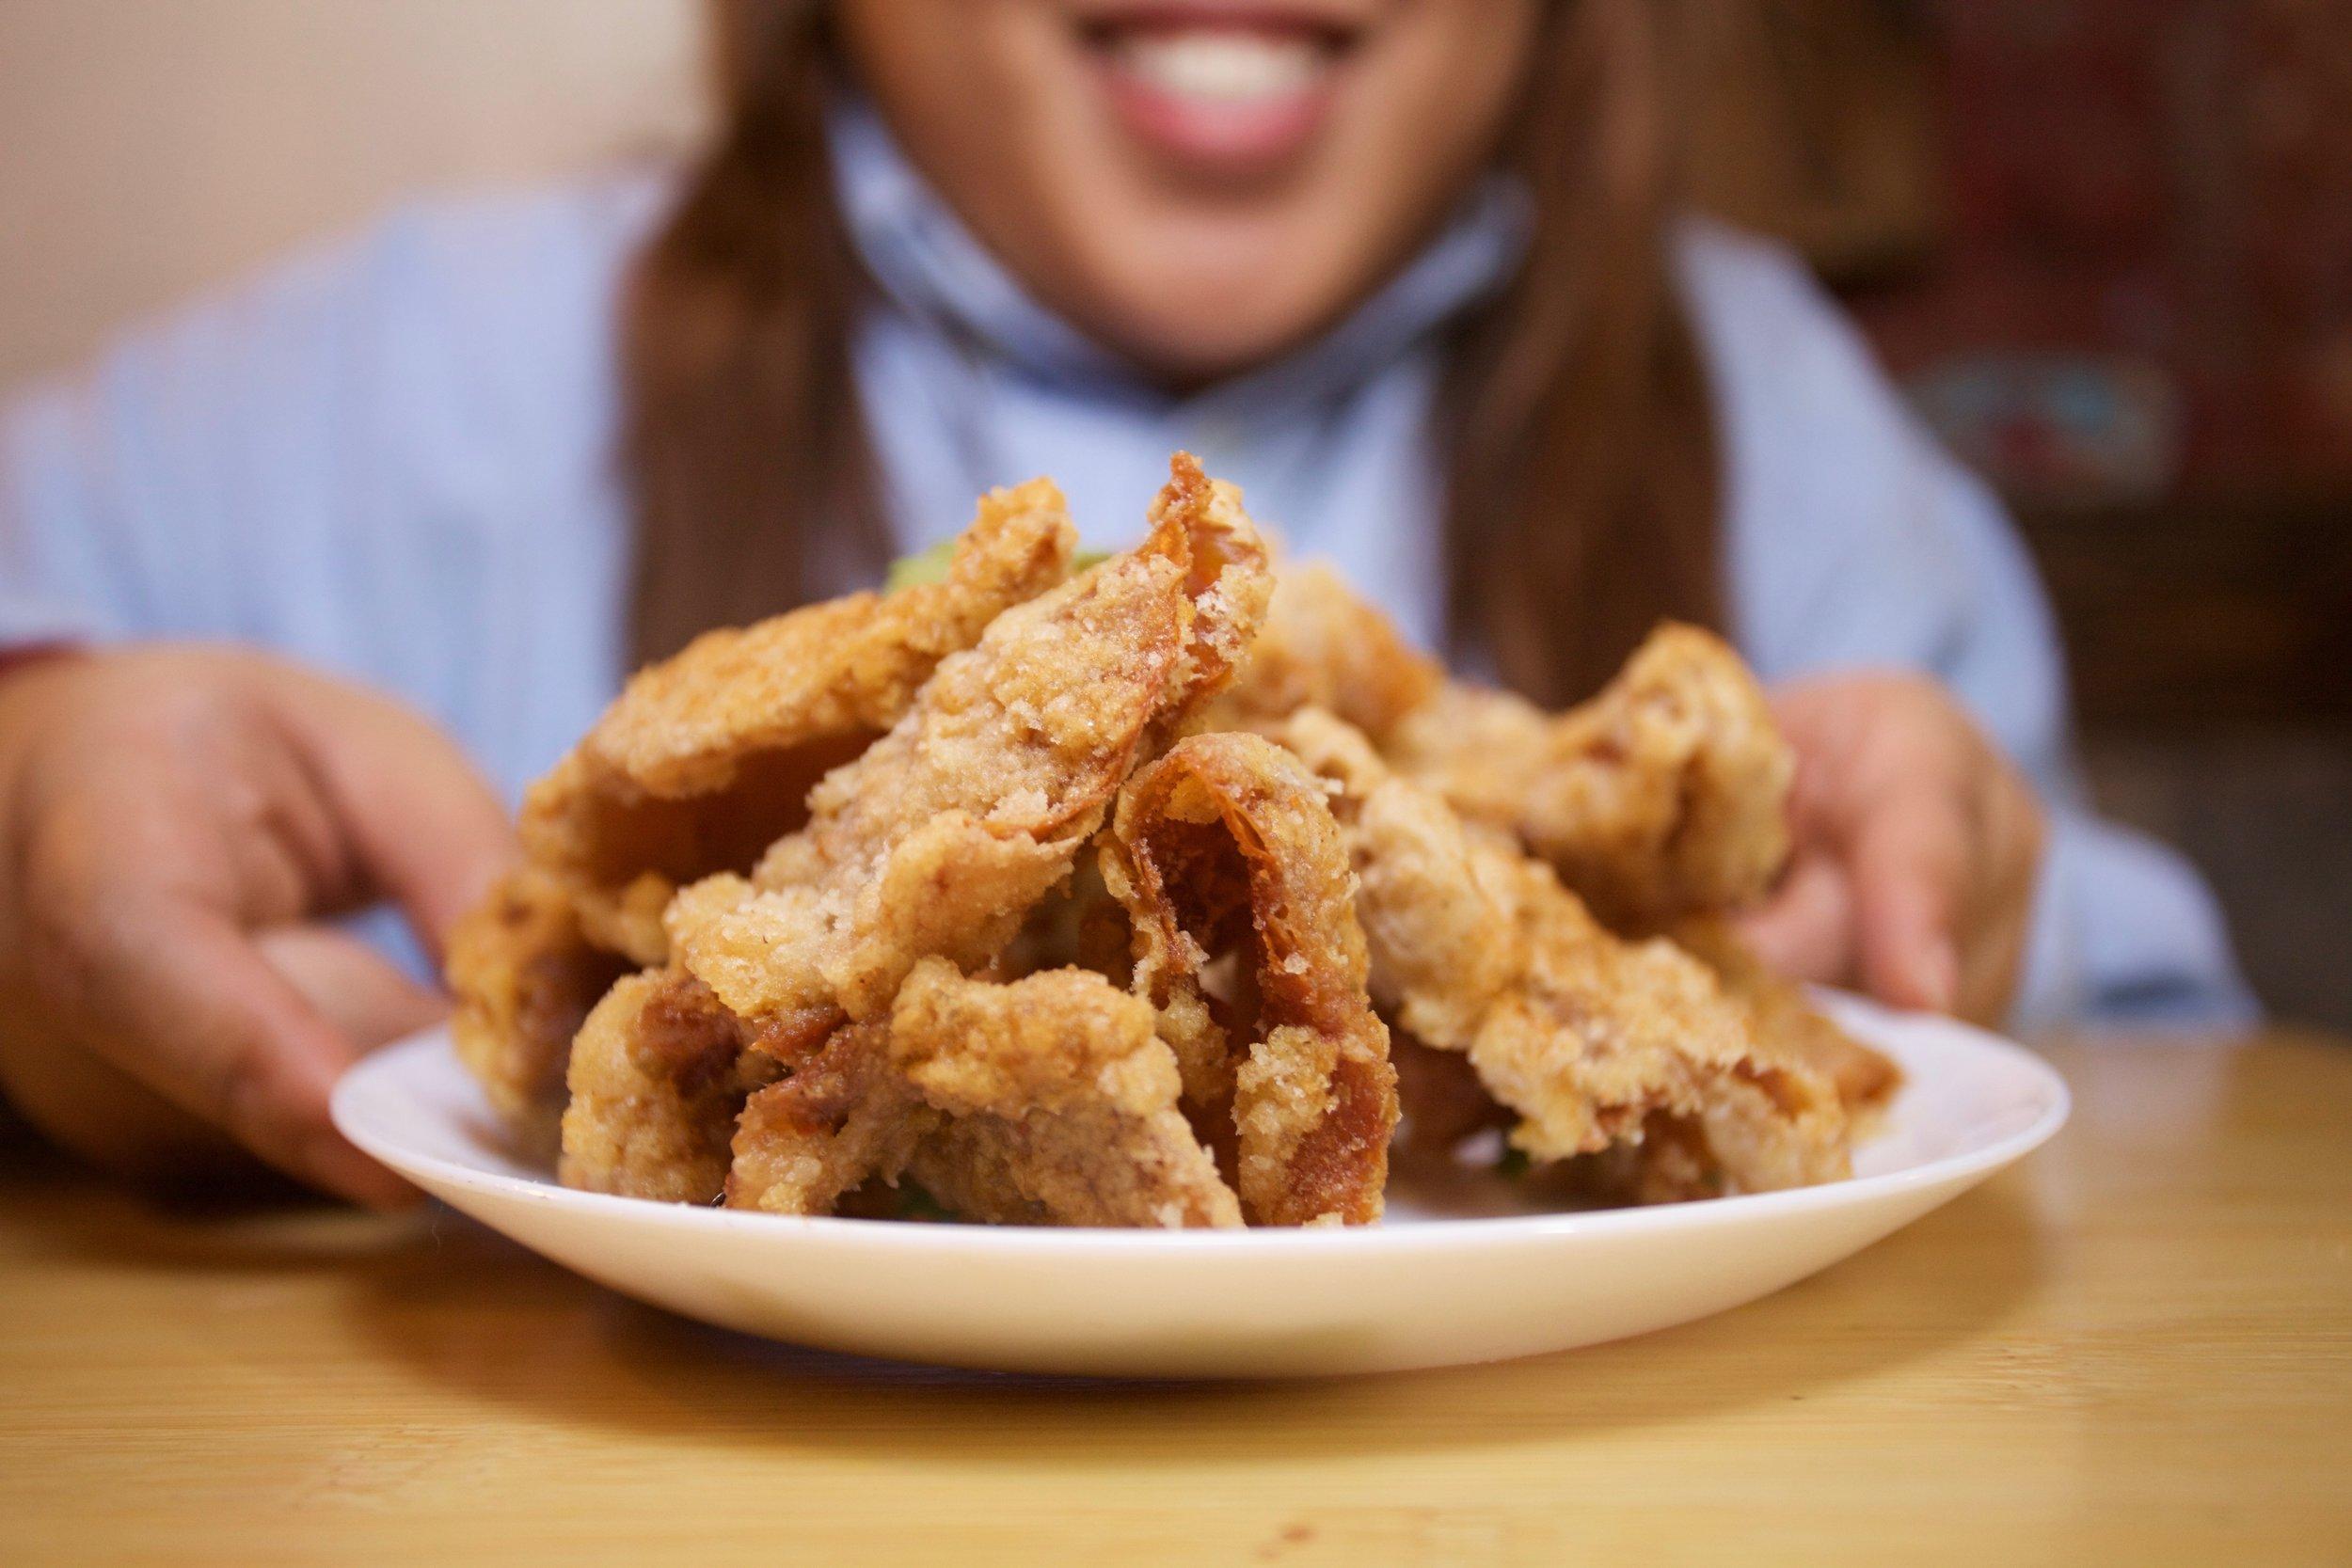 bintang_restaurant_chicken_chicharones.jpg